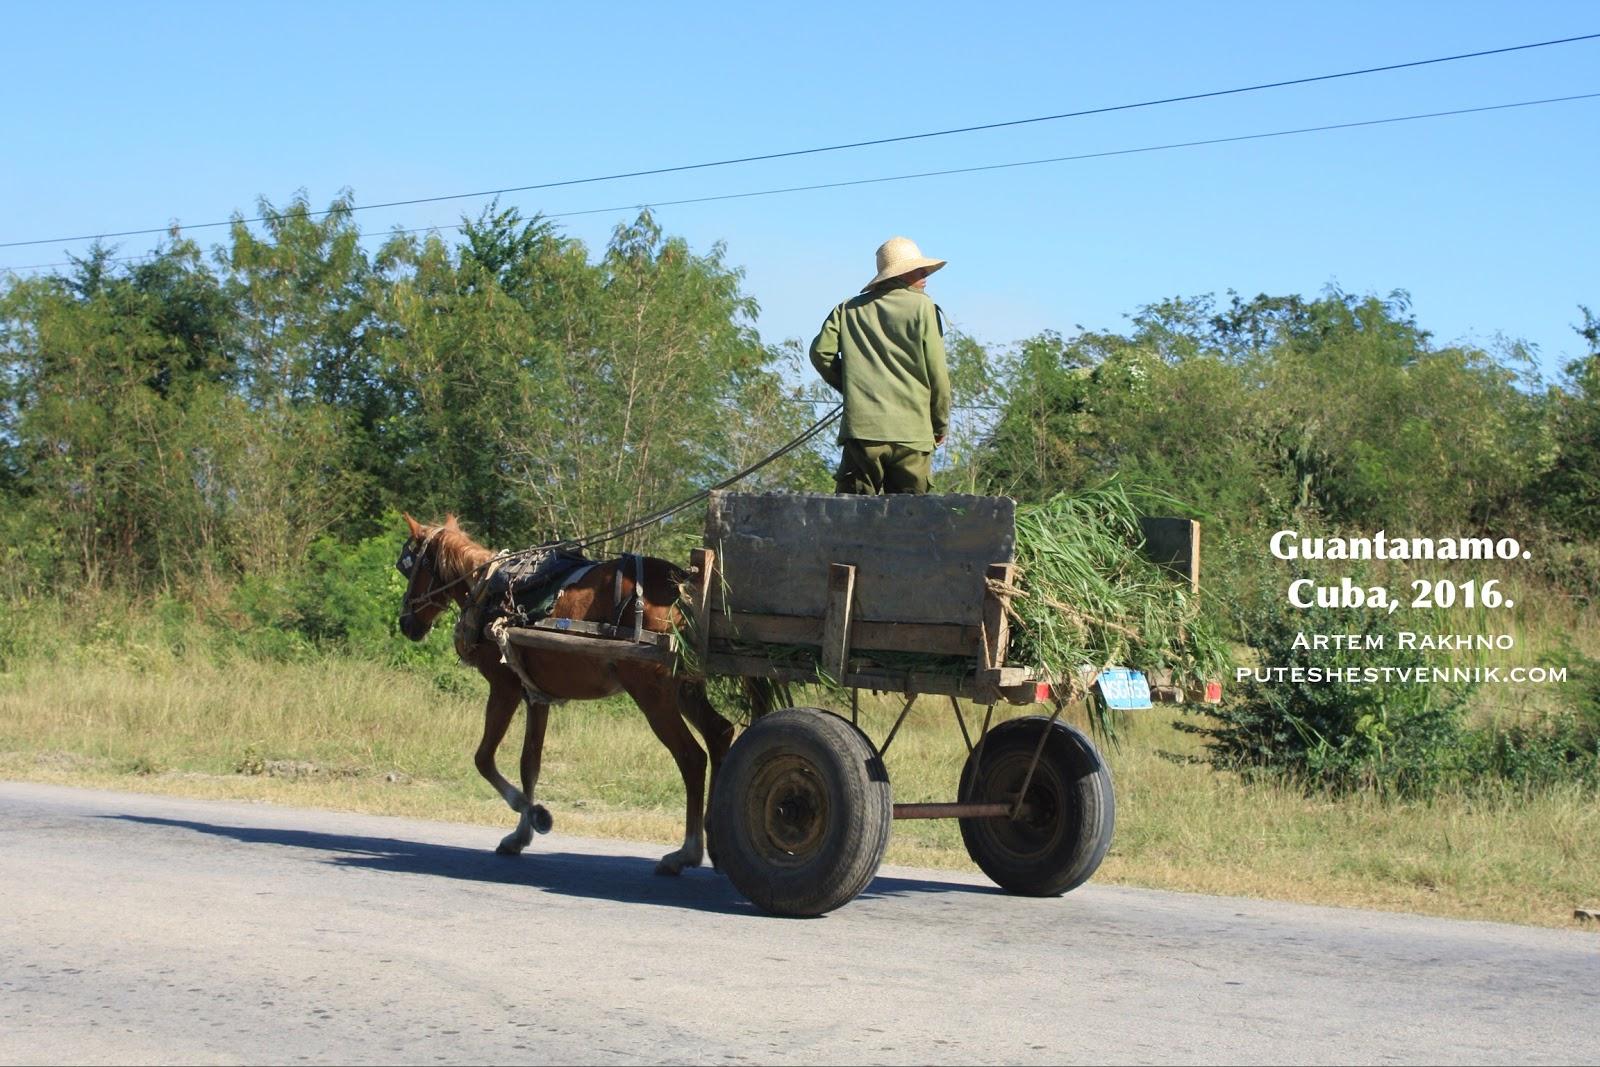 Гужевой транспорт на Кубе